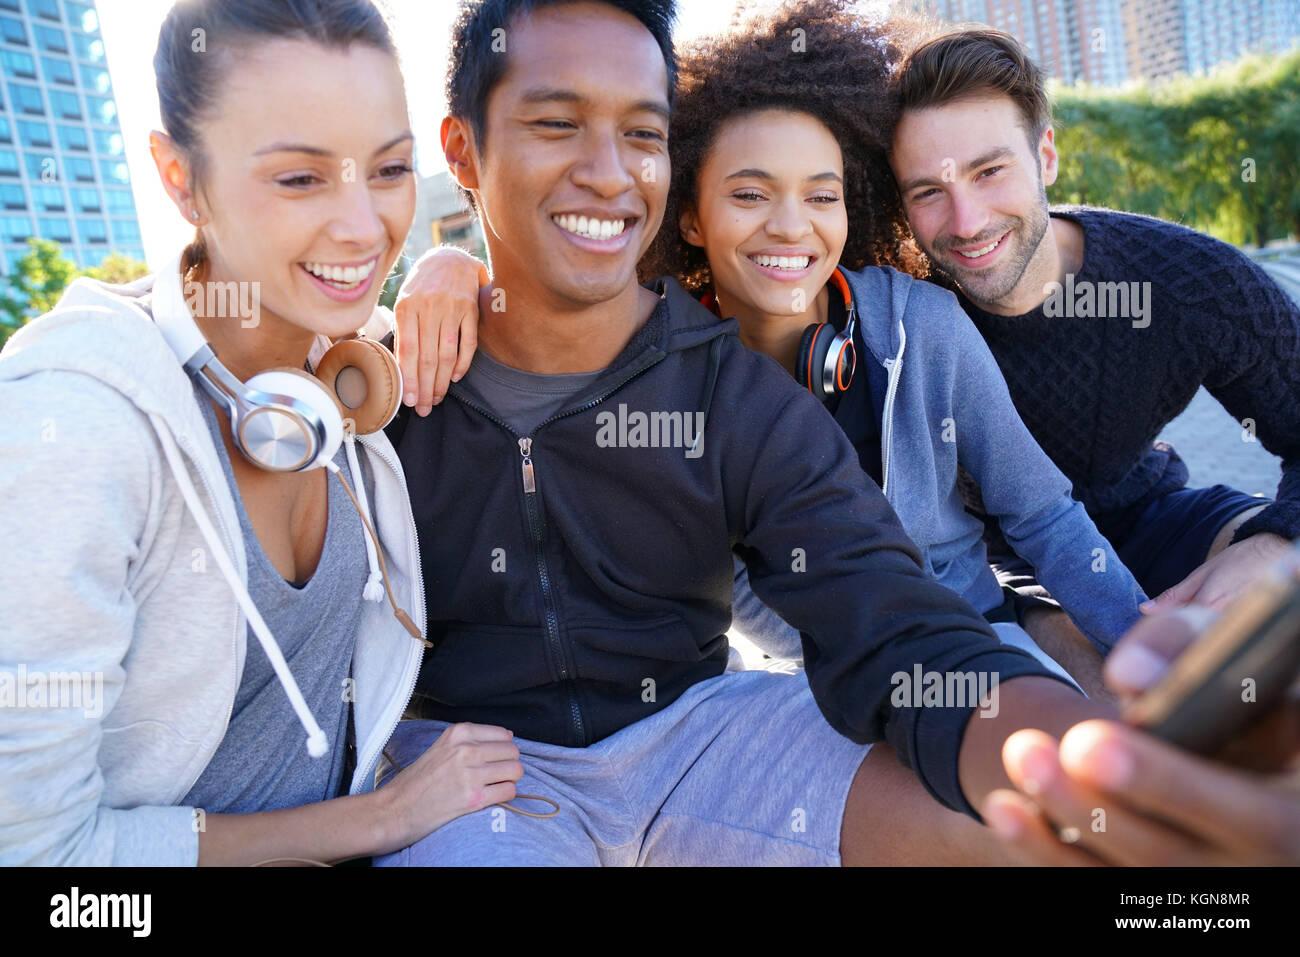 Grupo de amigos en traje informal tomando selfie foto con el smartphone Imagen De Stock